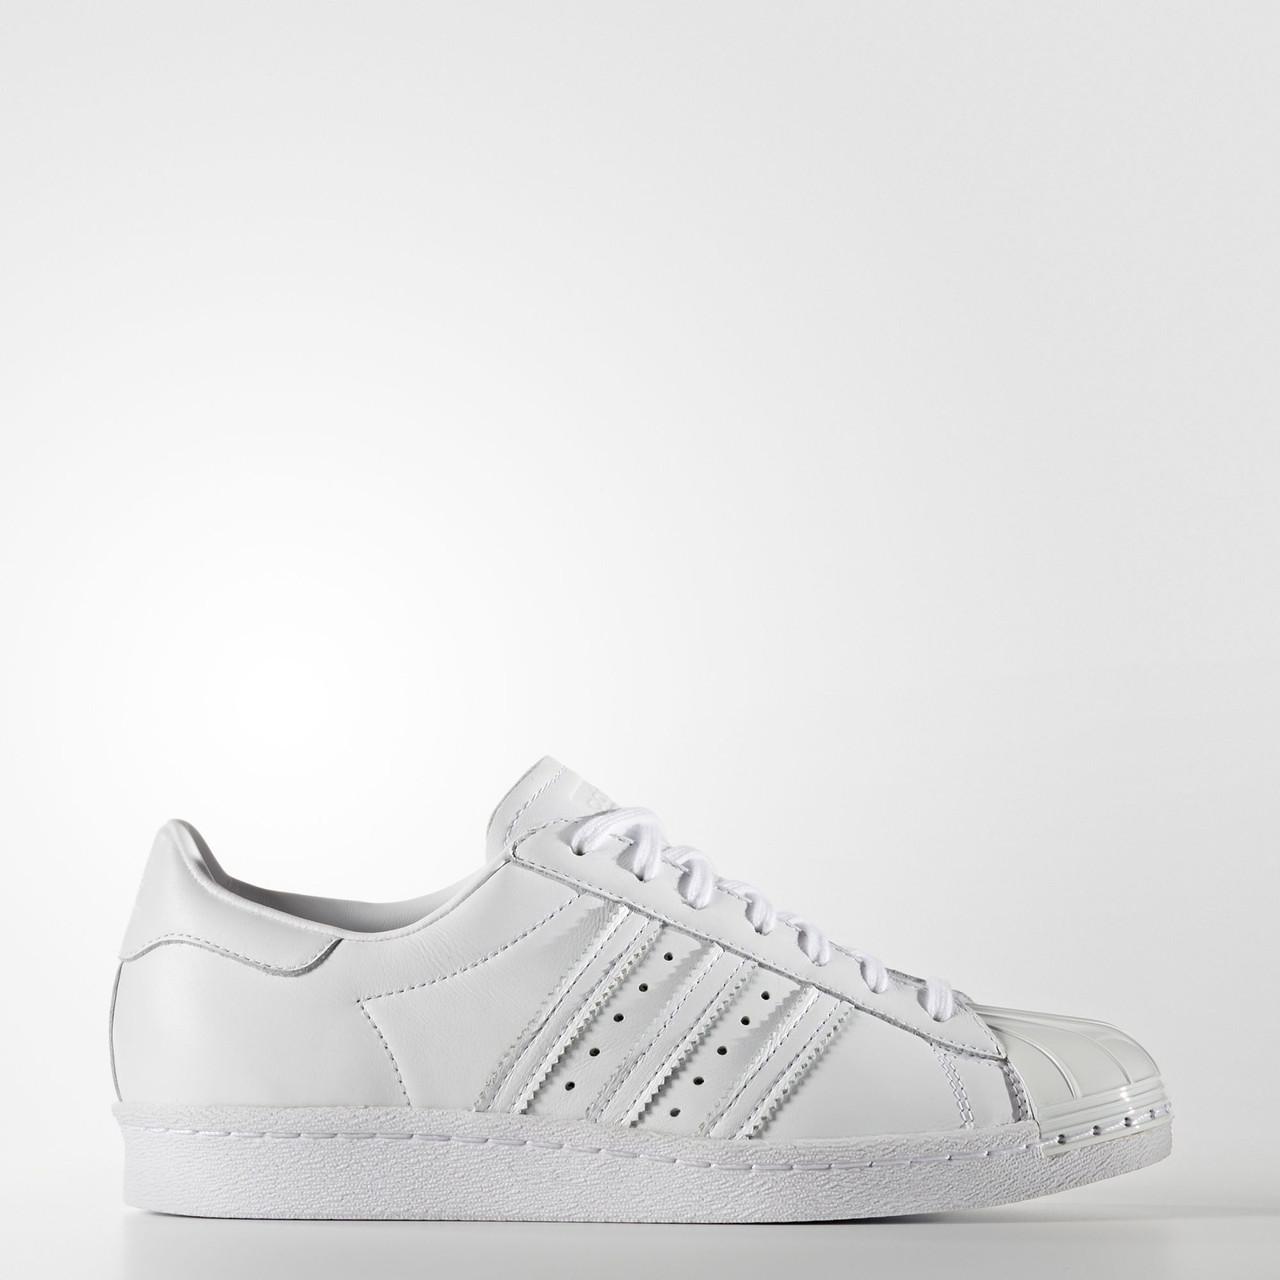 Купить Женские кроссовки adidas originals superstar 80s (Артикул ... c3c20a0d0ec